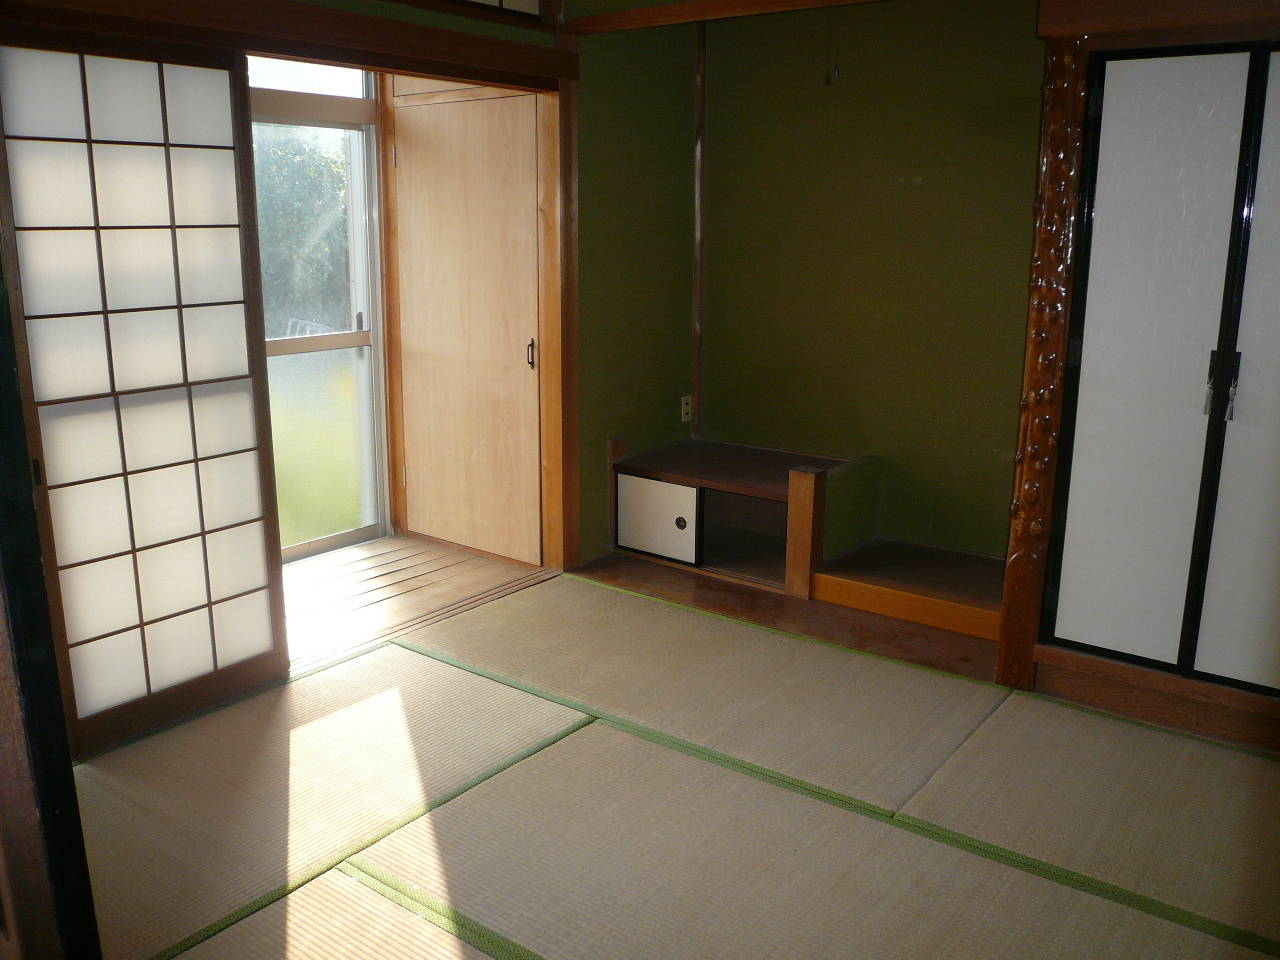 和室も南側に面しているので日当たり良好ですね。